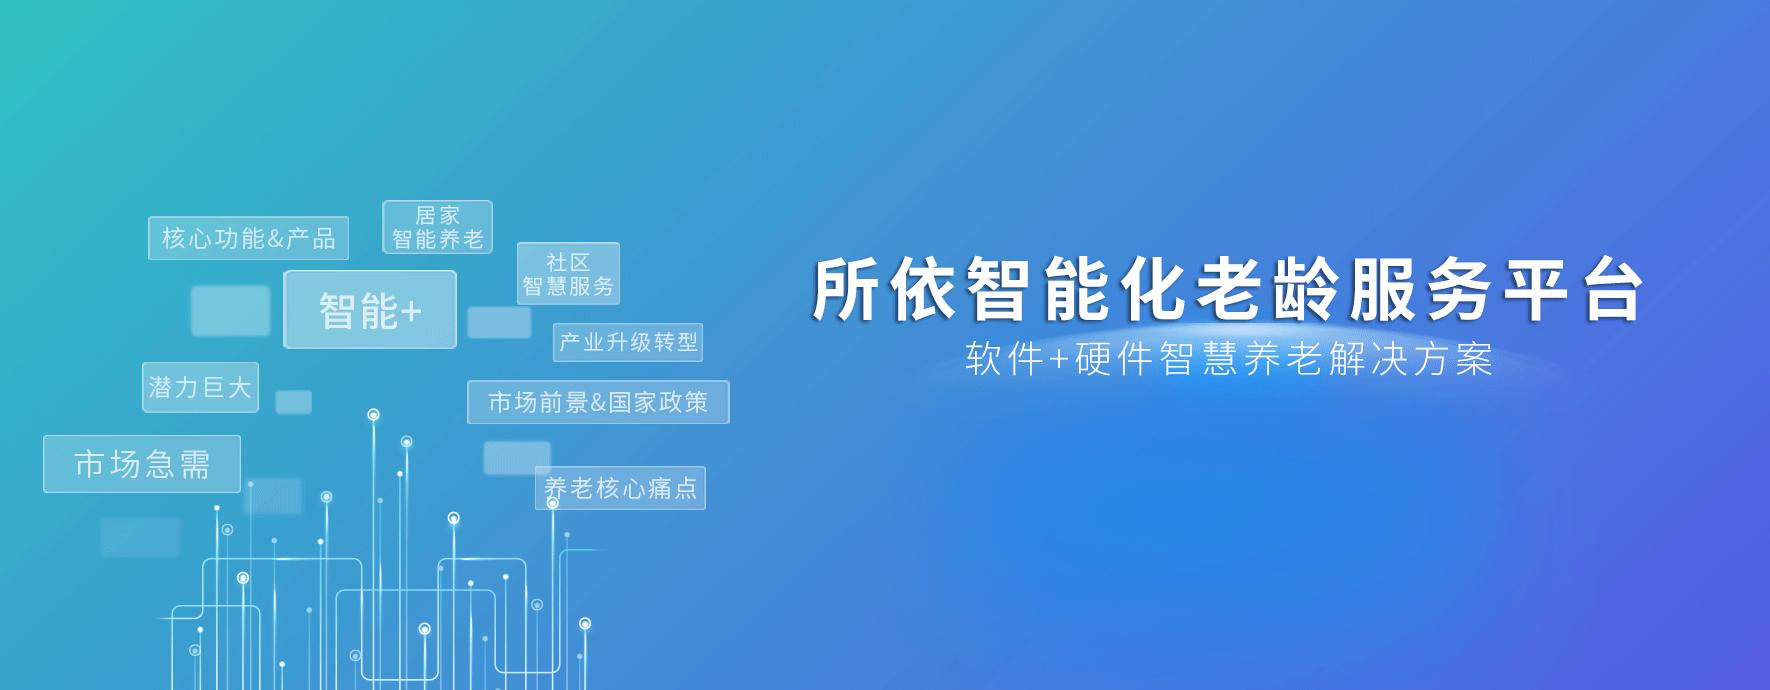 PEO項目介紹_藍創科技,智慧養老